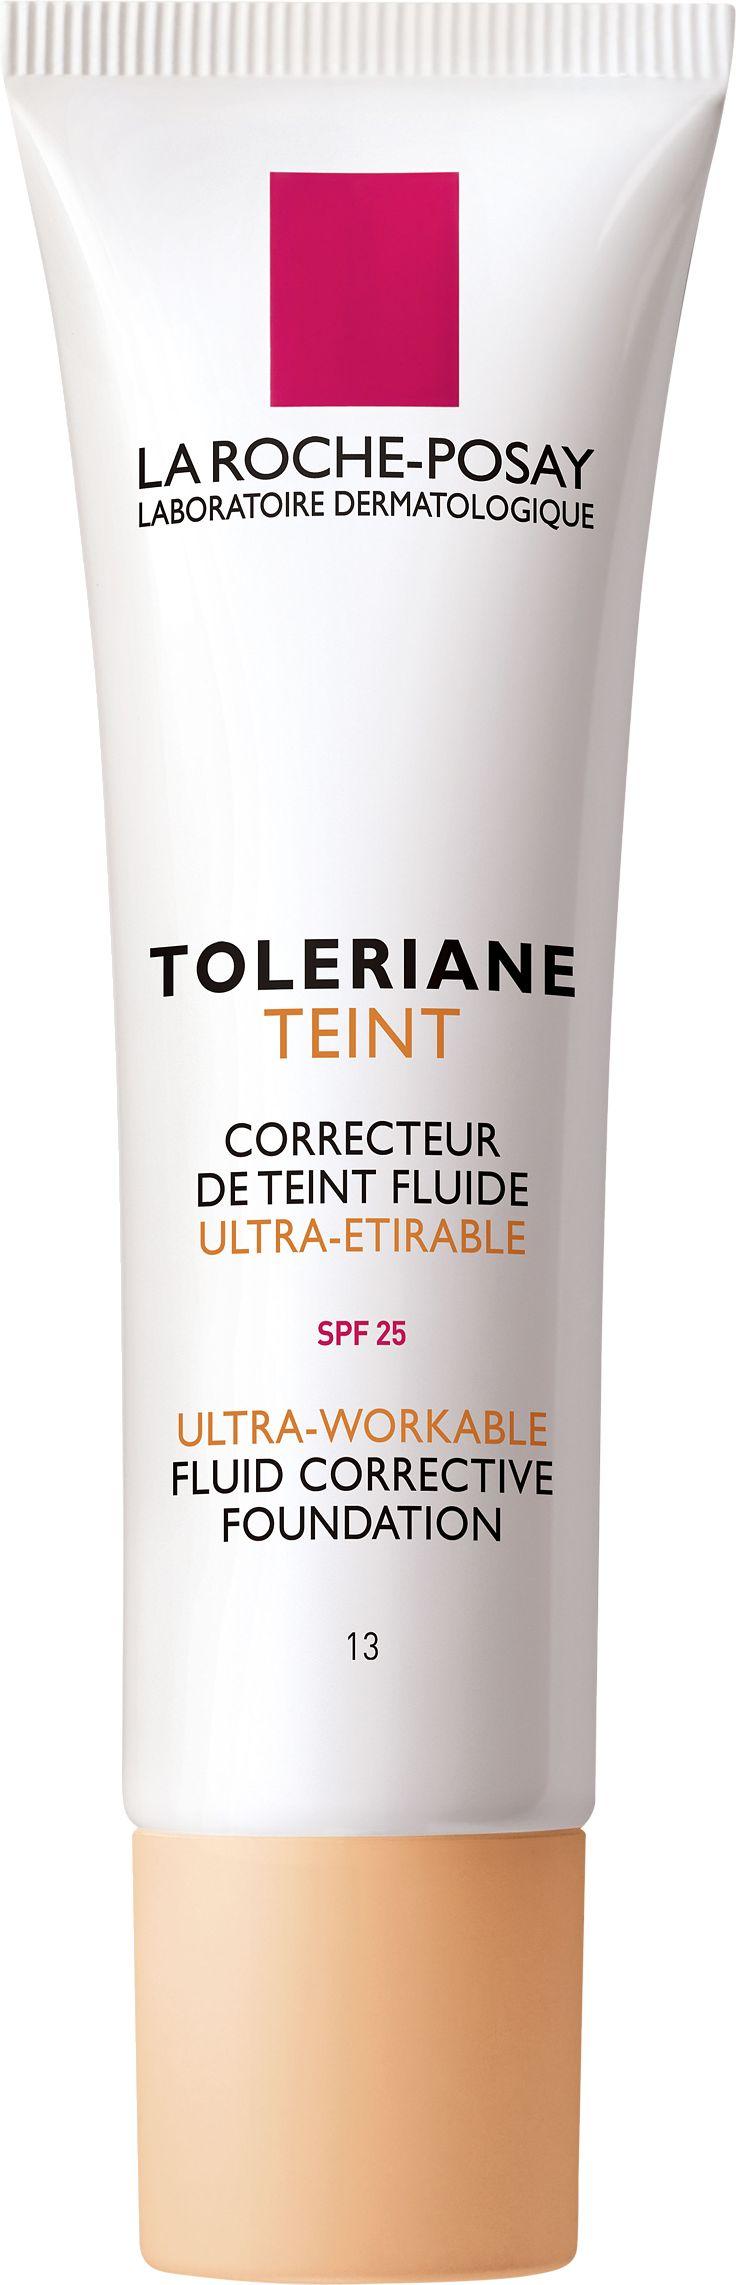 La Roche-Posay Toleriane Corrective Fluid Foundation SPF 25